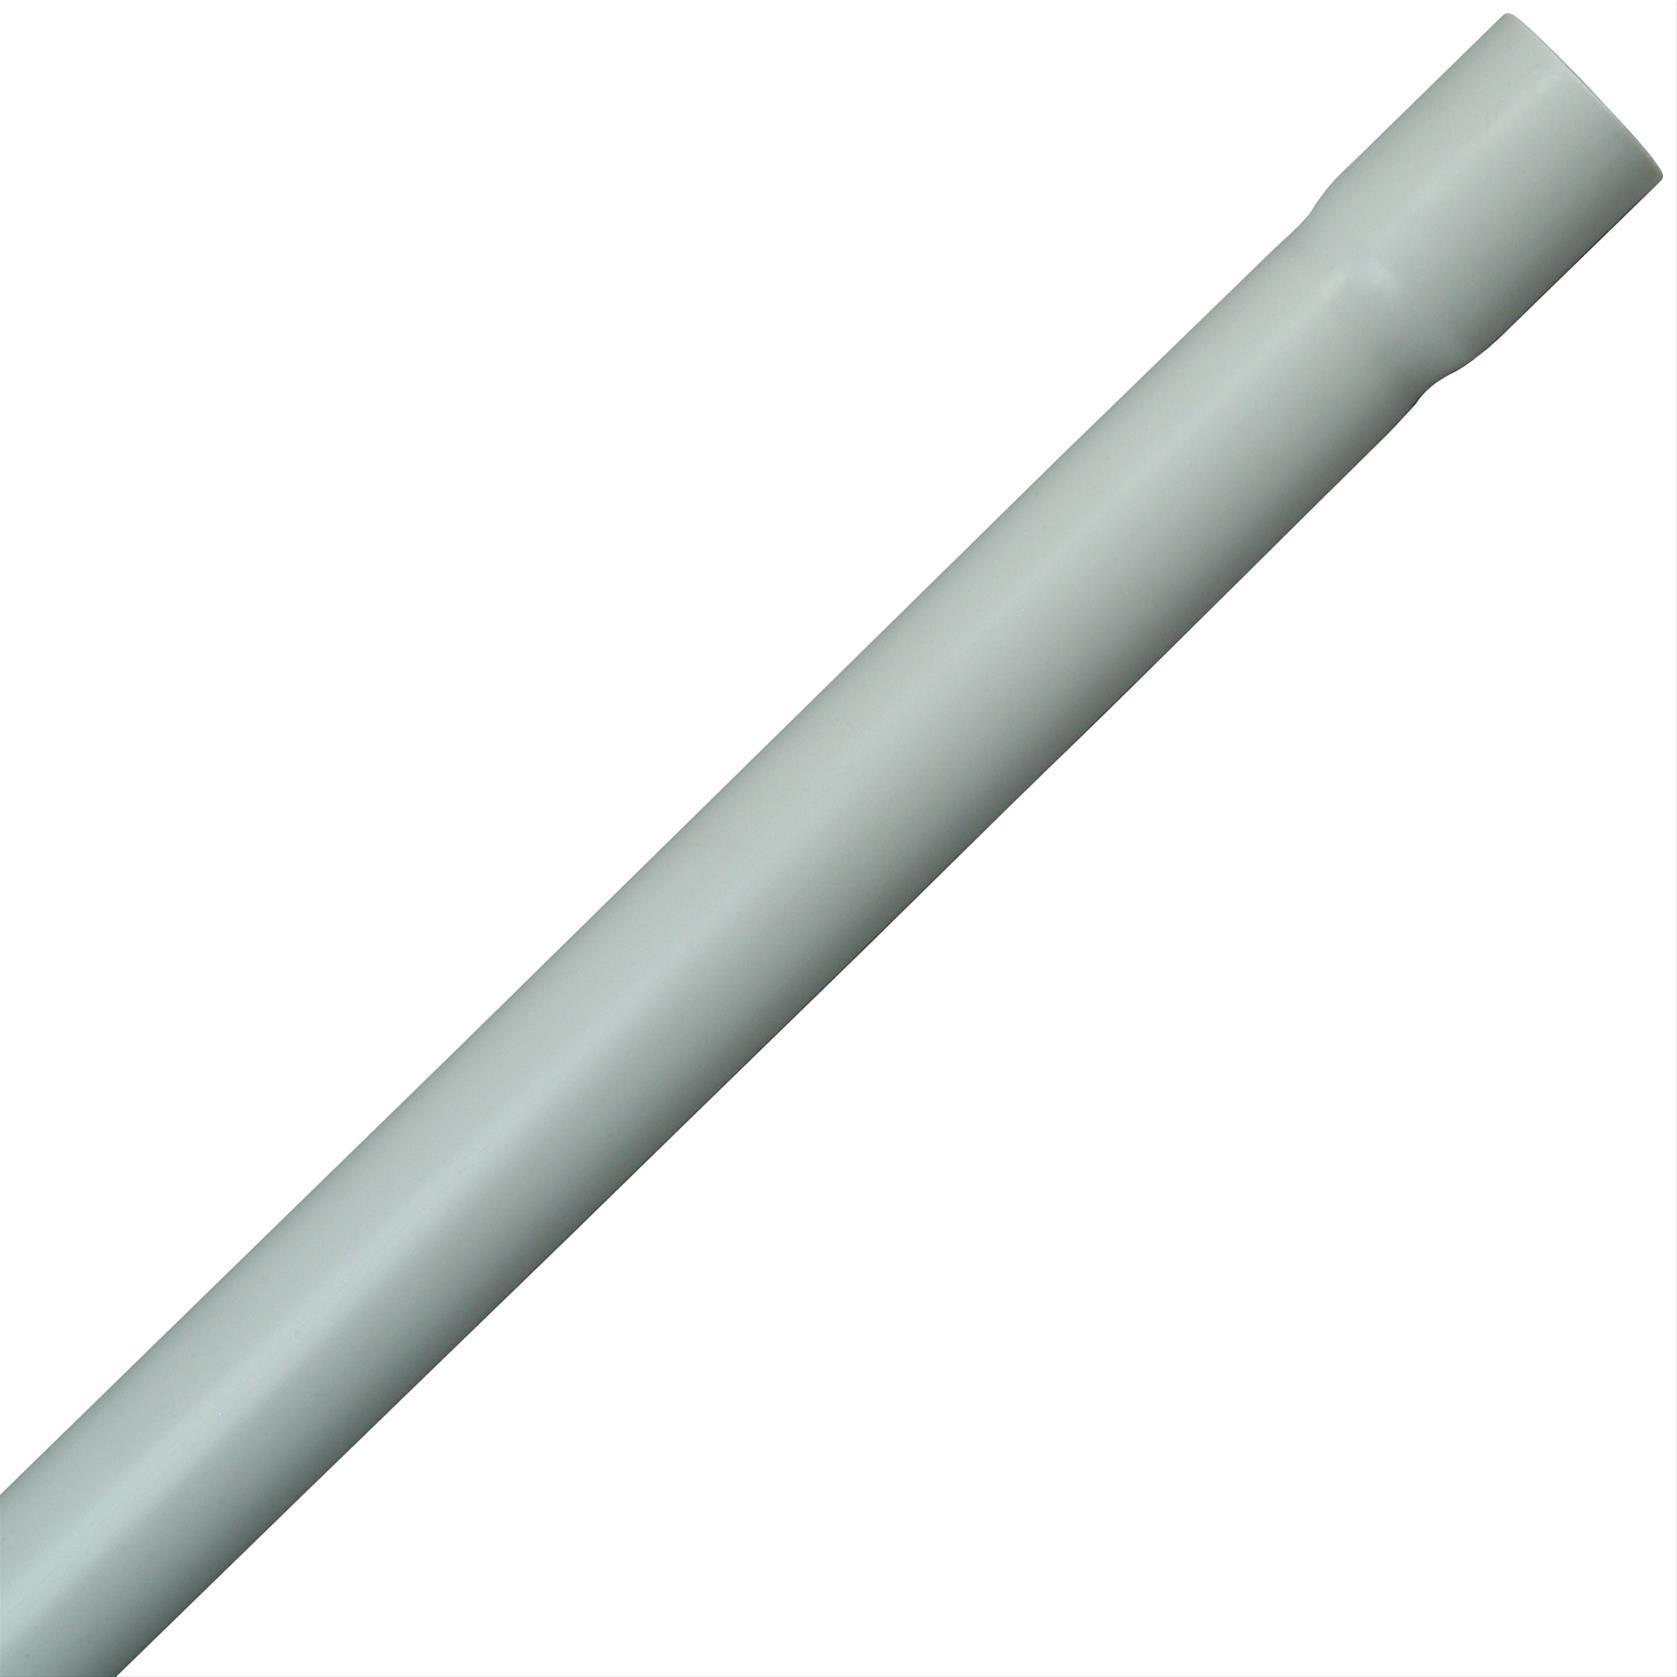 Kopp Isolierrohr starr grau 2m M16 Bild 1